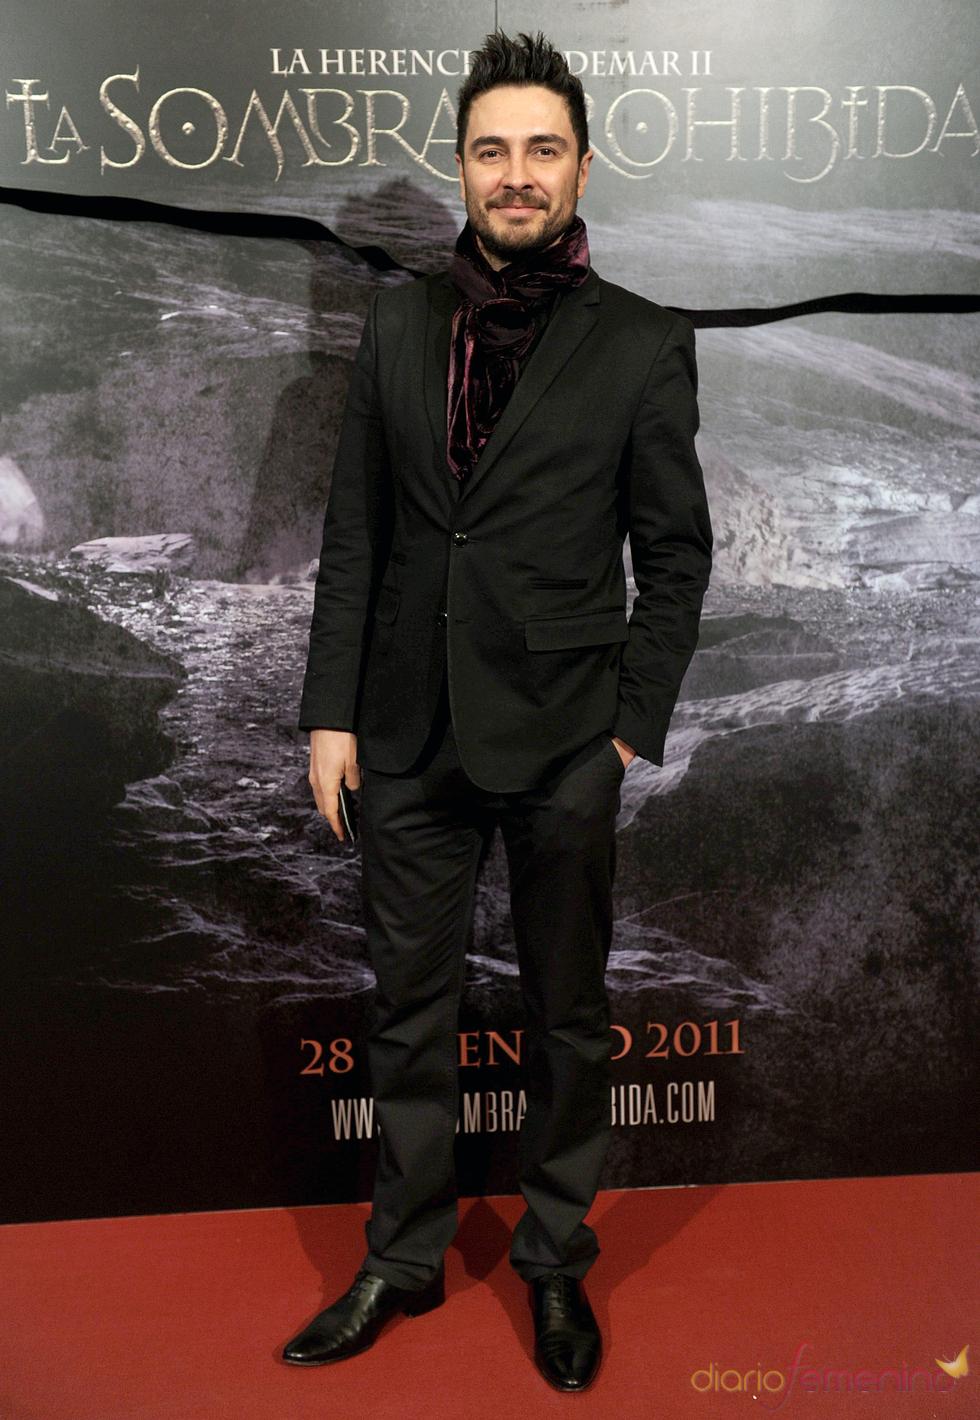 José Manuel Seda en el estreno de 'La sombra prohibida'